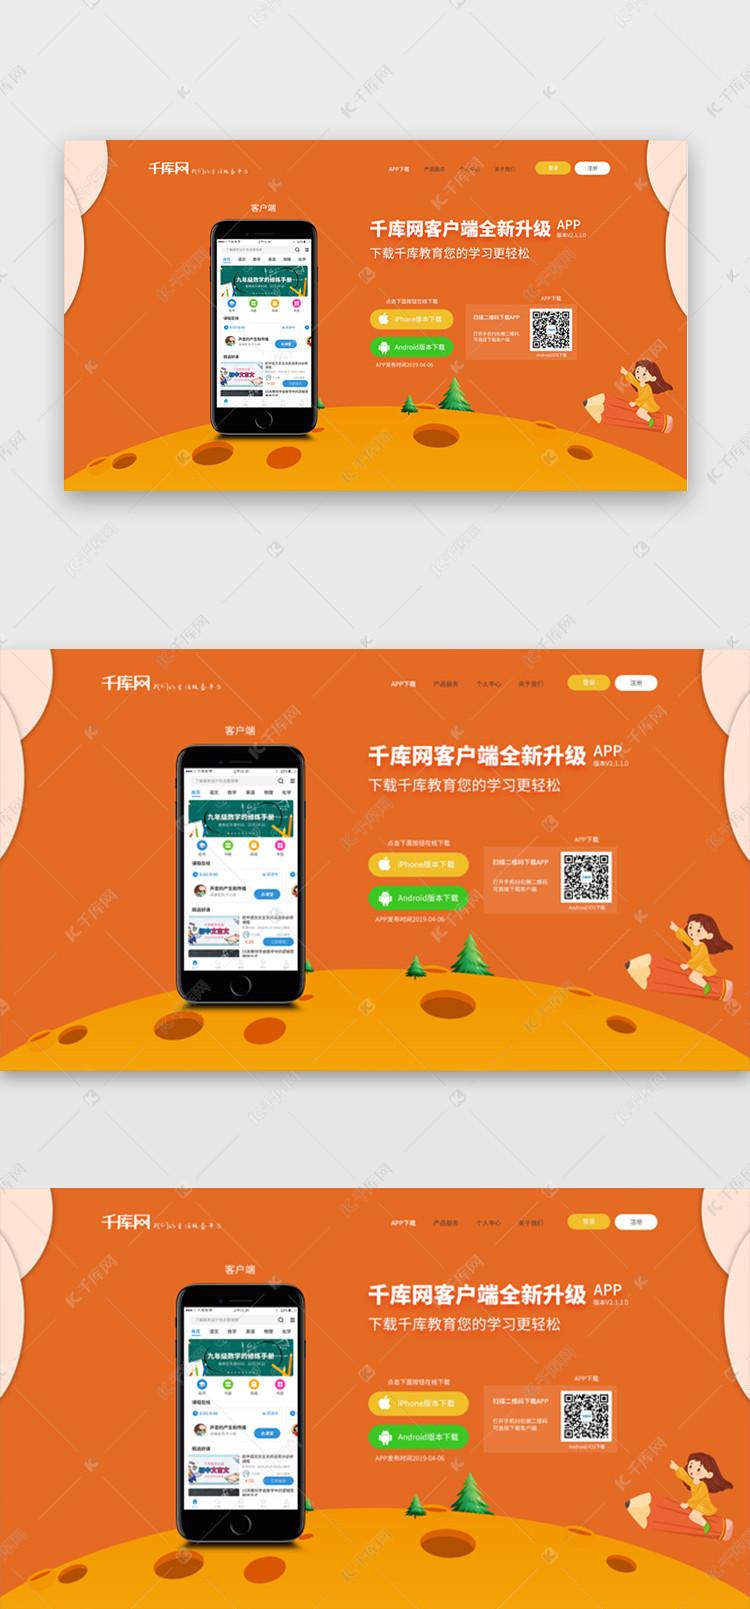 橙色系网站软件下载页面UI设计设计题ui填空图片